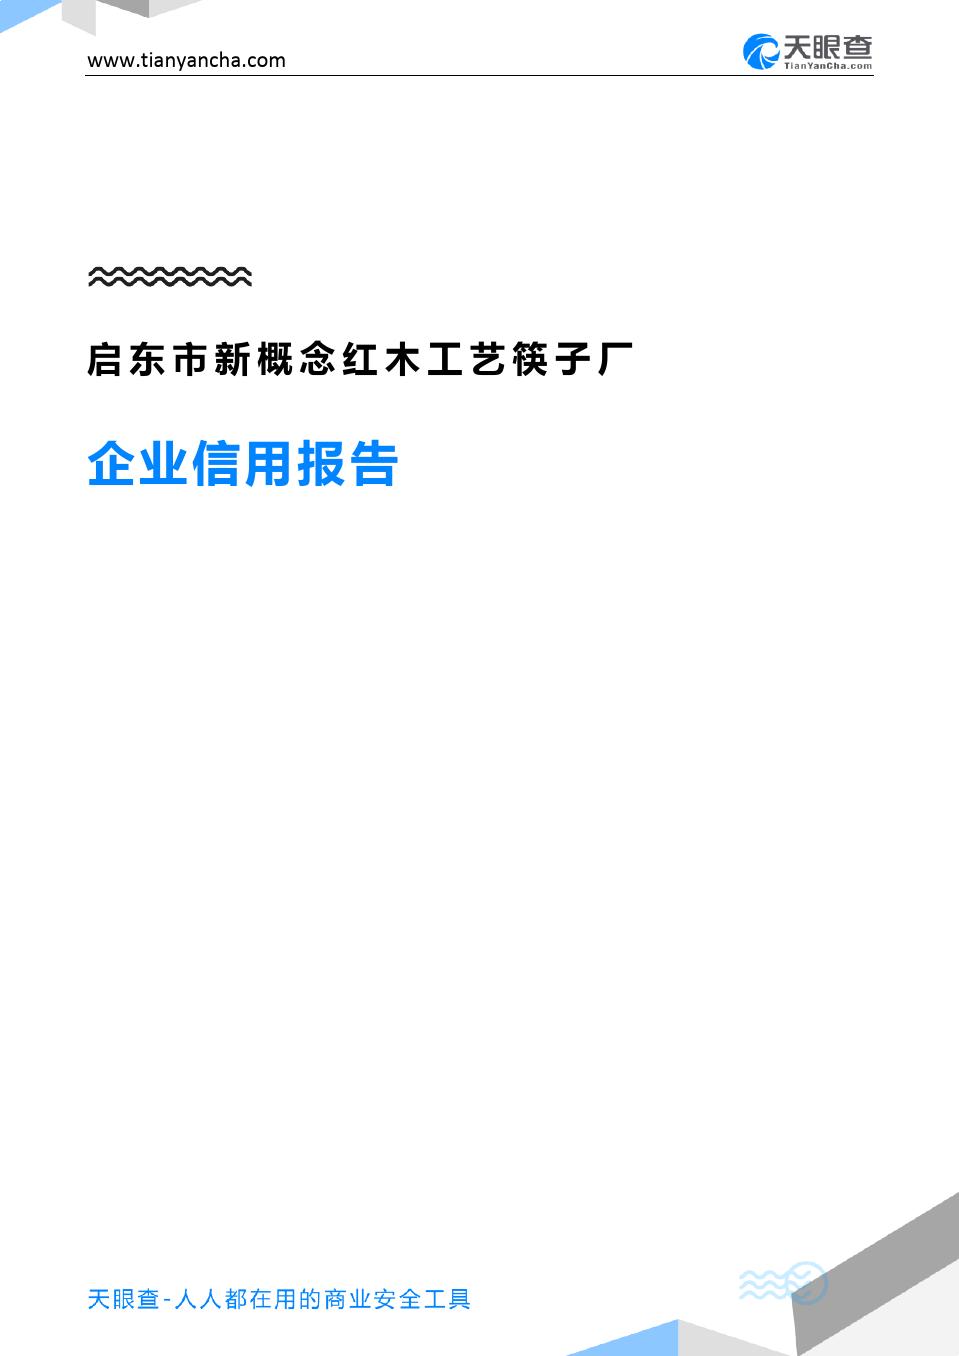 启东市新概念红木工艺筷子厂(企业信用报告)- 天眼查